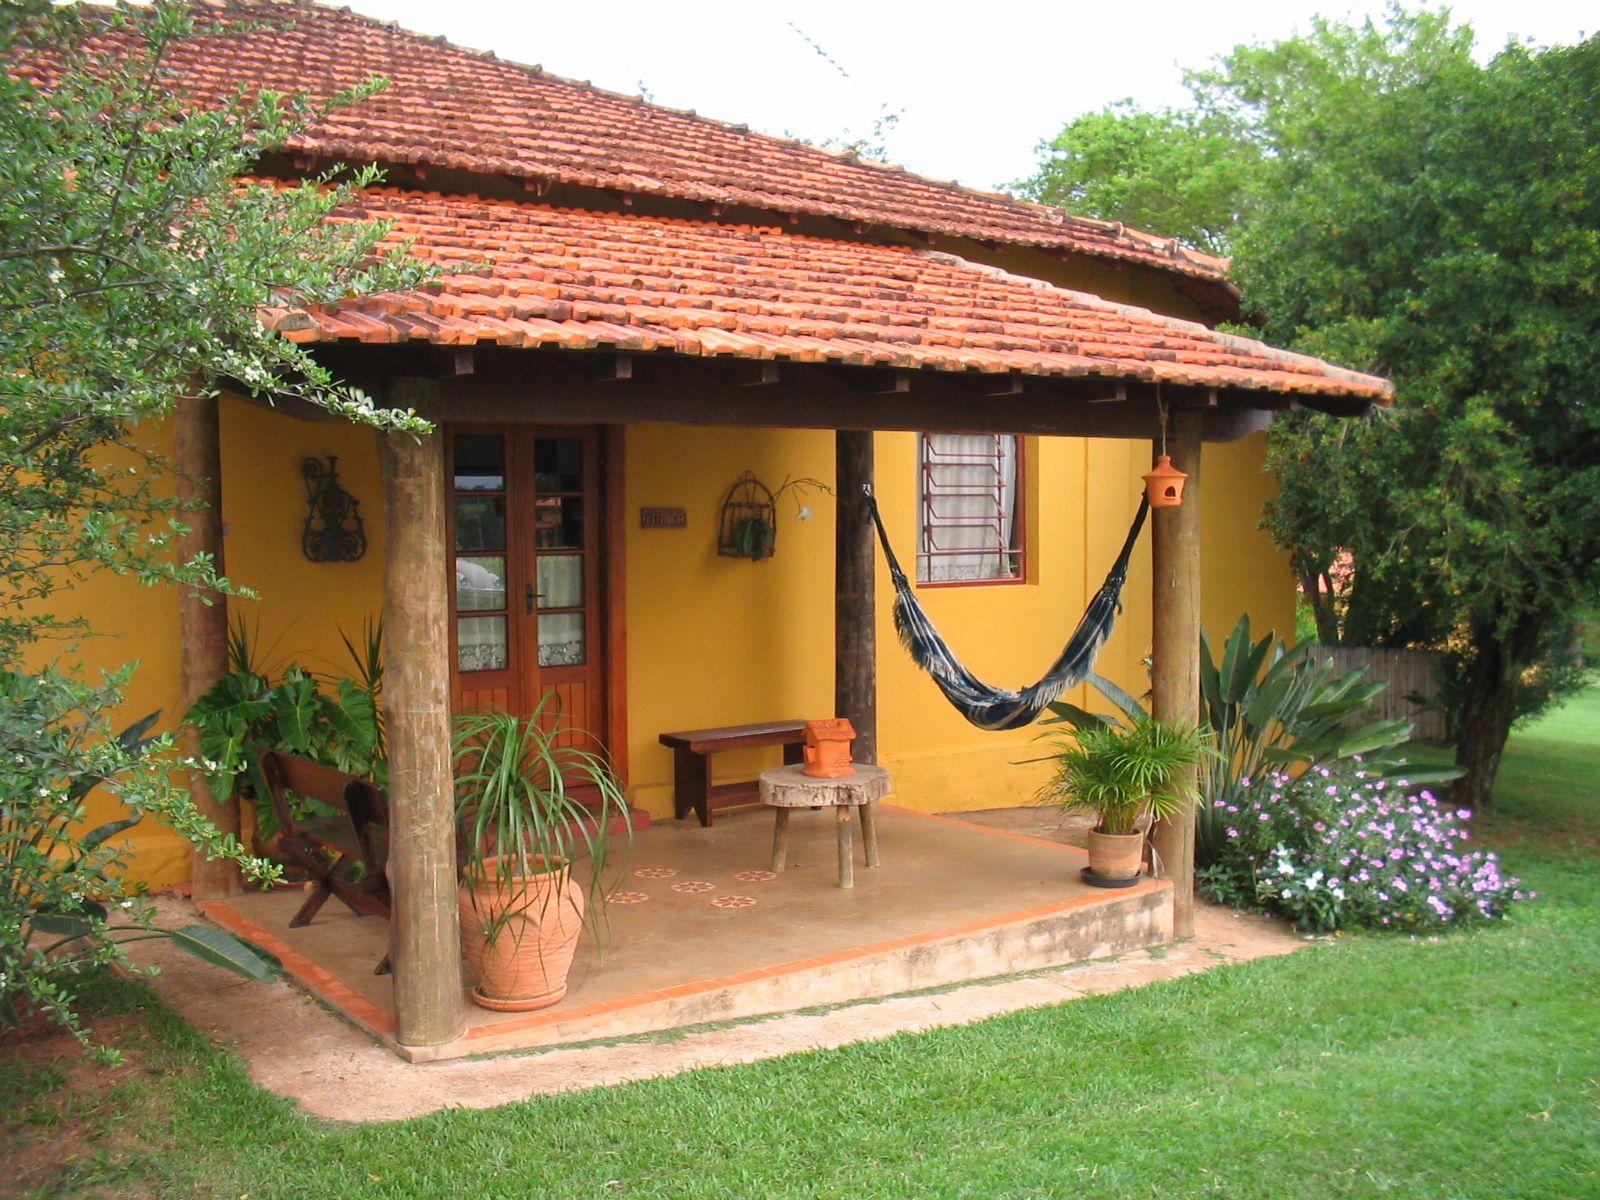 pousada rural bem pequena Pesquisa Google Casas de